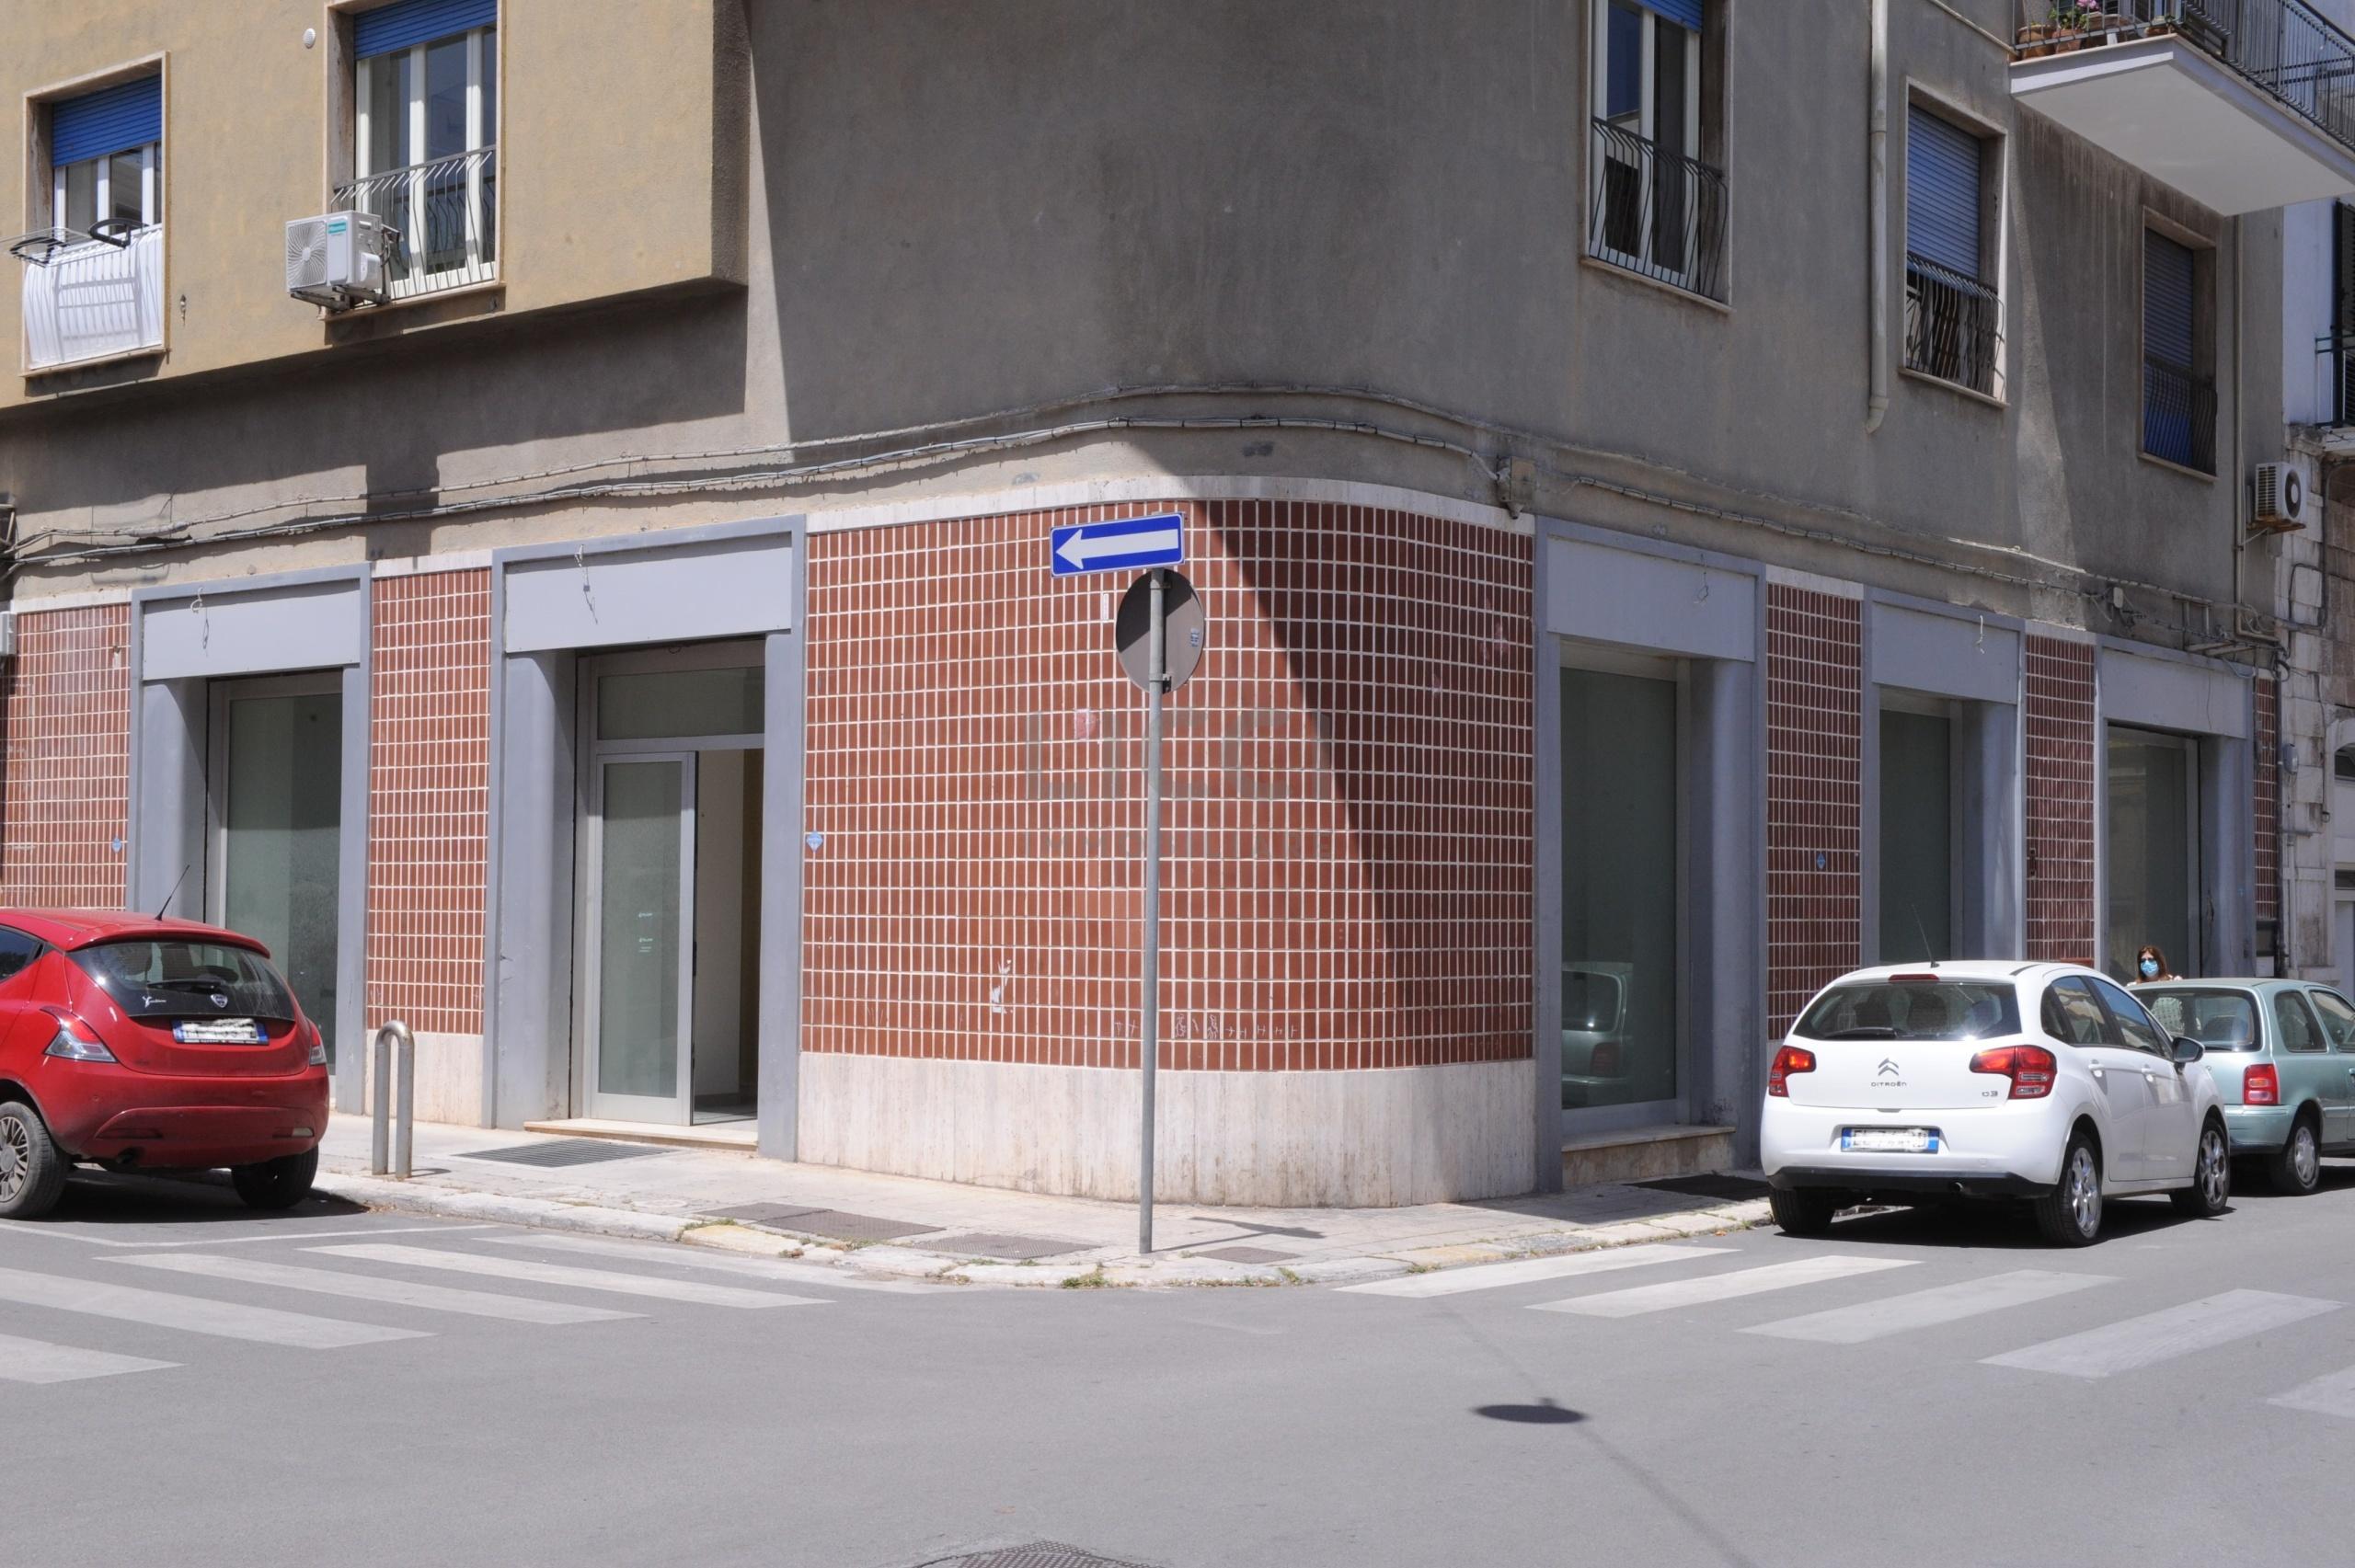 Locale commerciale a Monopoli Via Magenta 63, Centrale